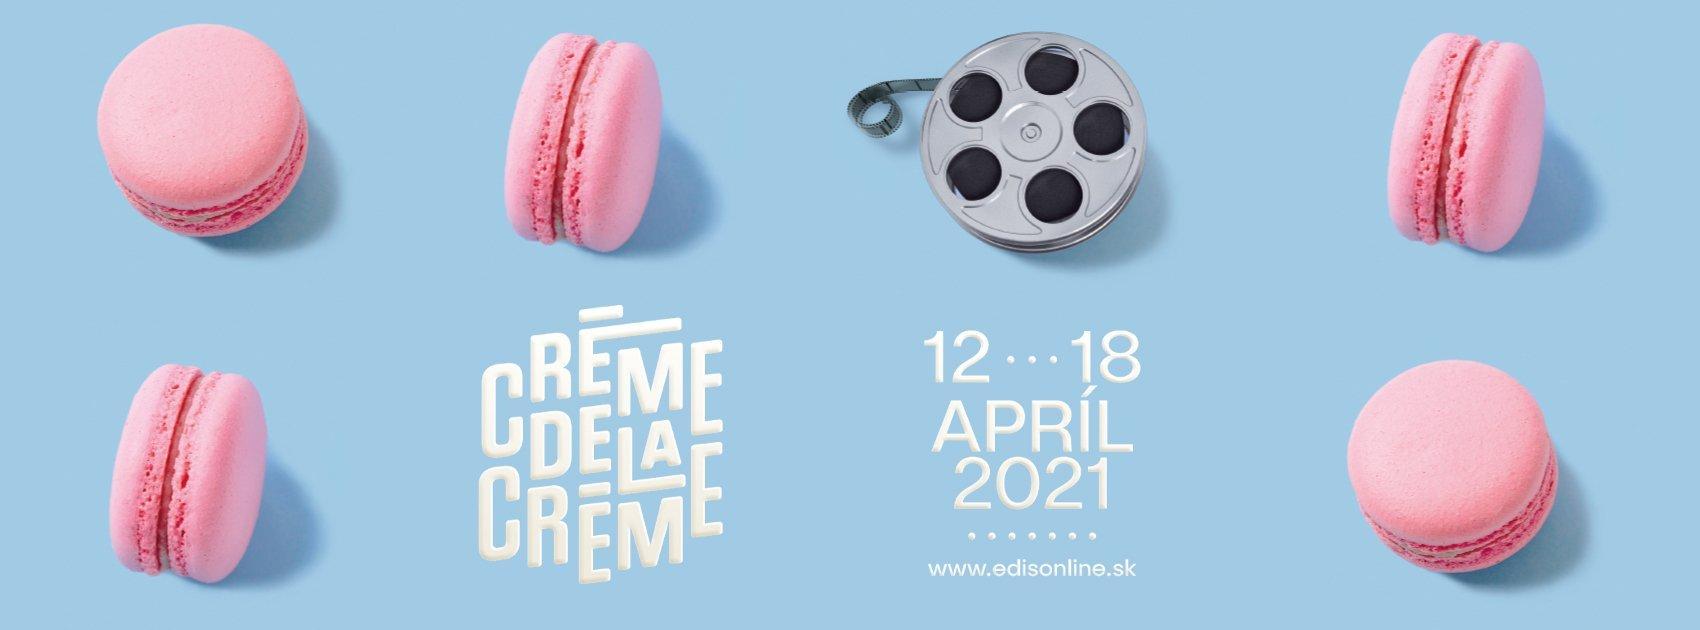 Crème de la Crème 2021 ONLINE